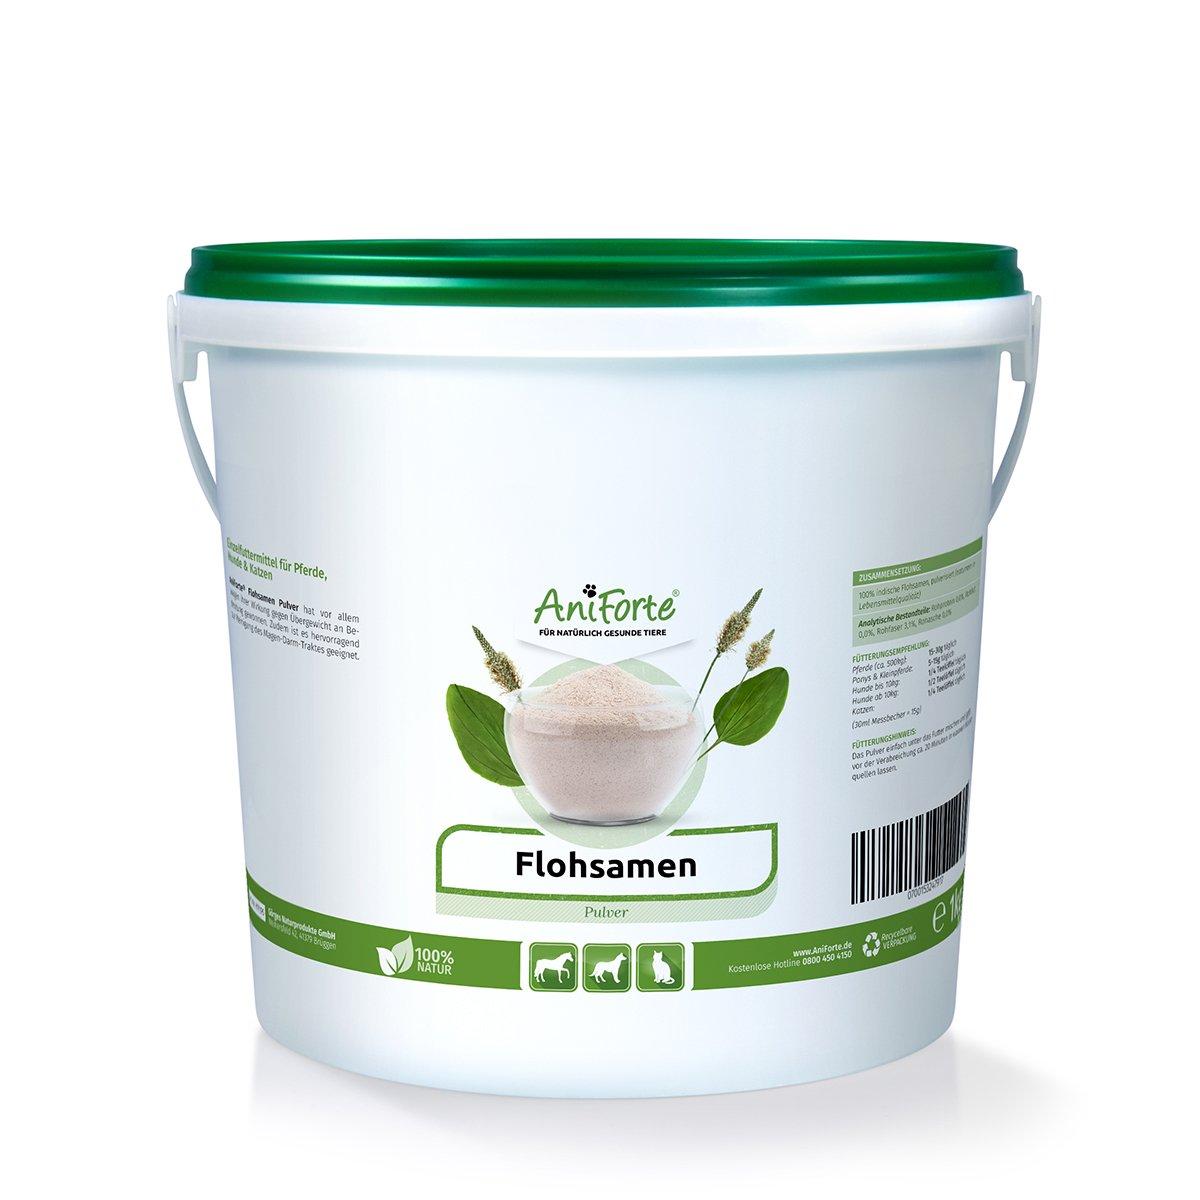 AniForte Poudre de Indien Psyllium 1 kg, Riche en fibres douce, Pour Chiens, Chats, Chevaux & Animaux de Compagnie Görges Naturprodukte GmbH